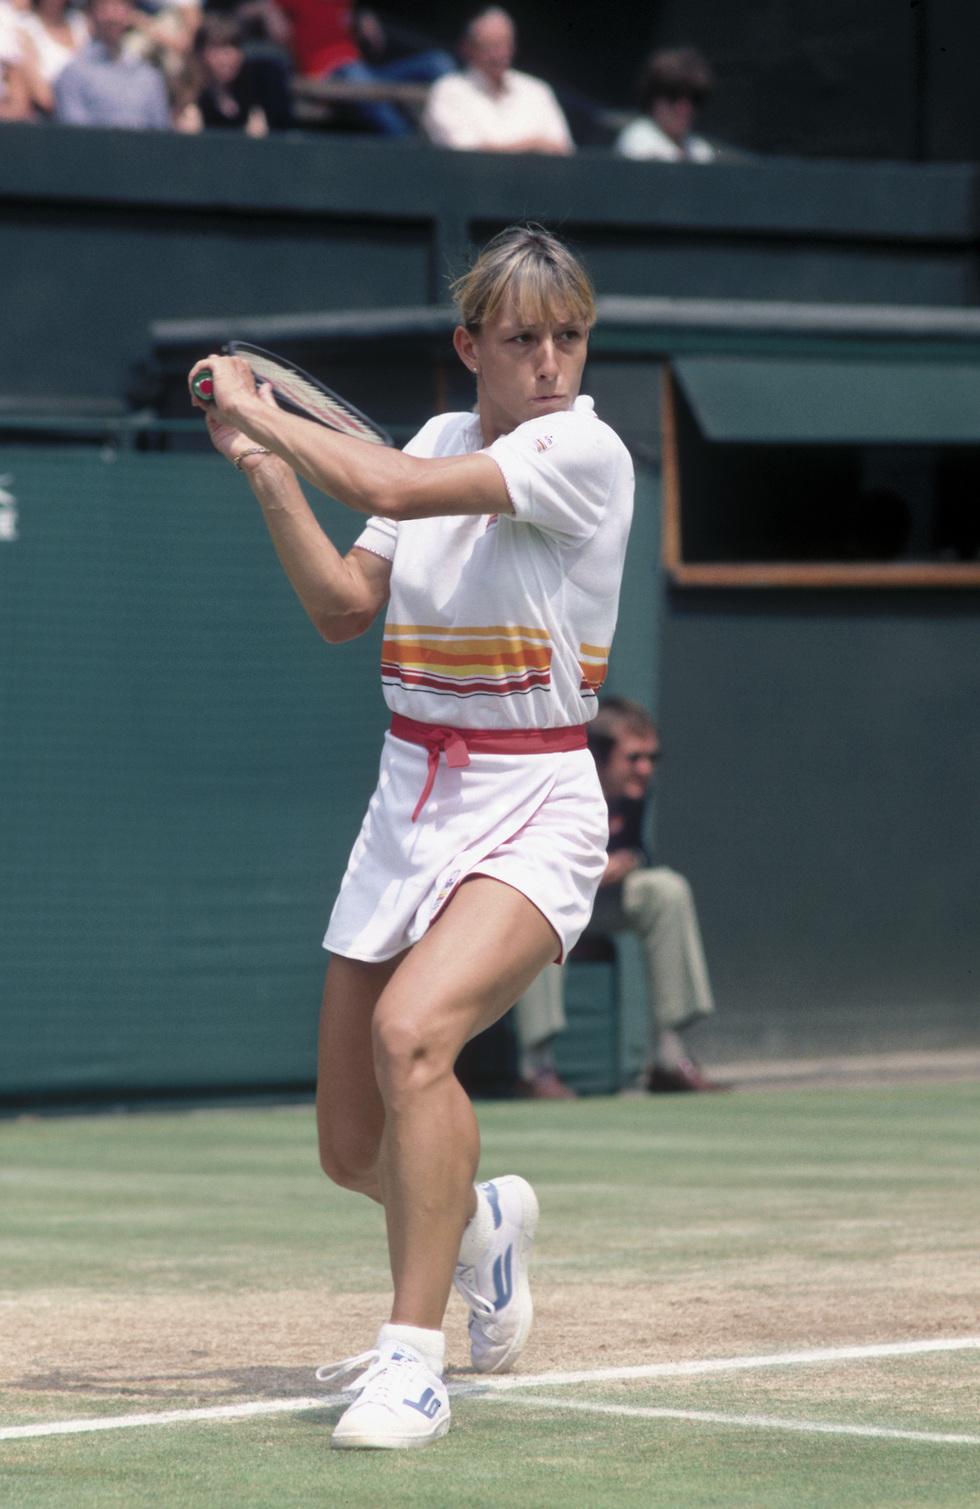 מרטינה נברטילובה ב-1982 (צילום: getty images)